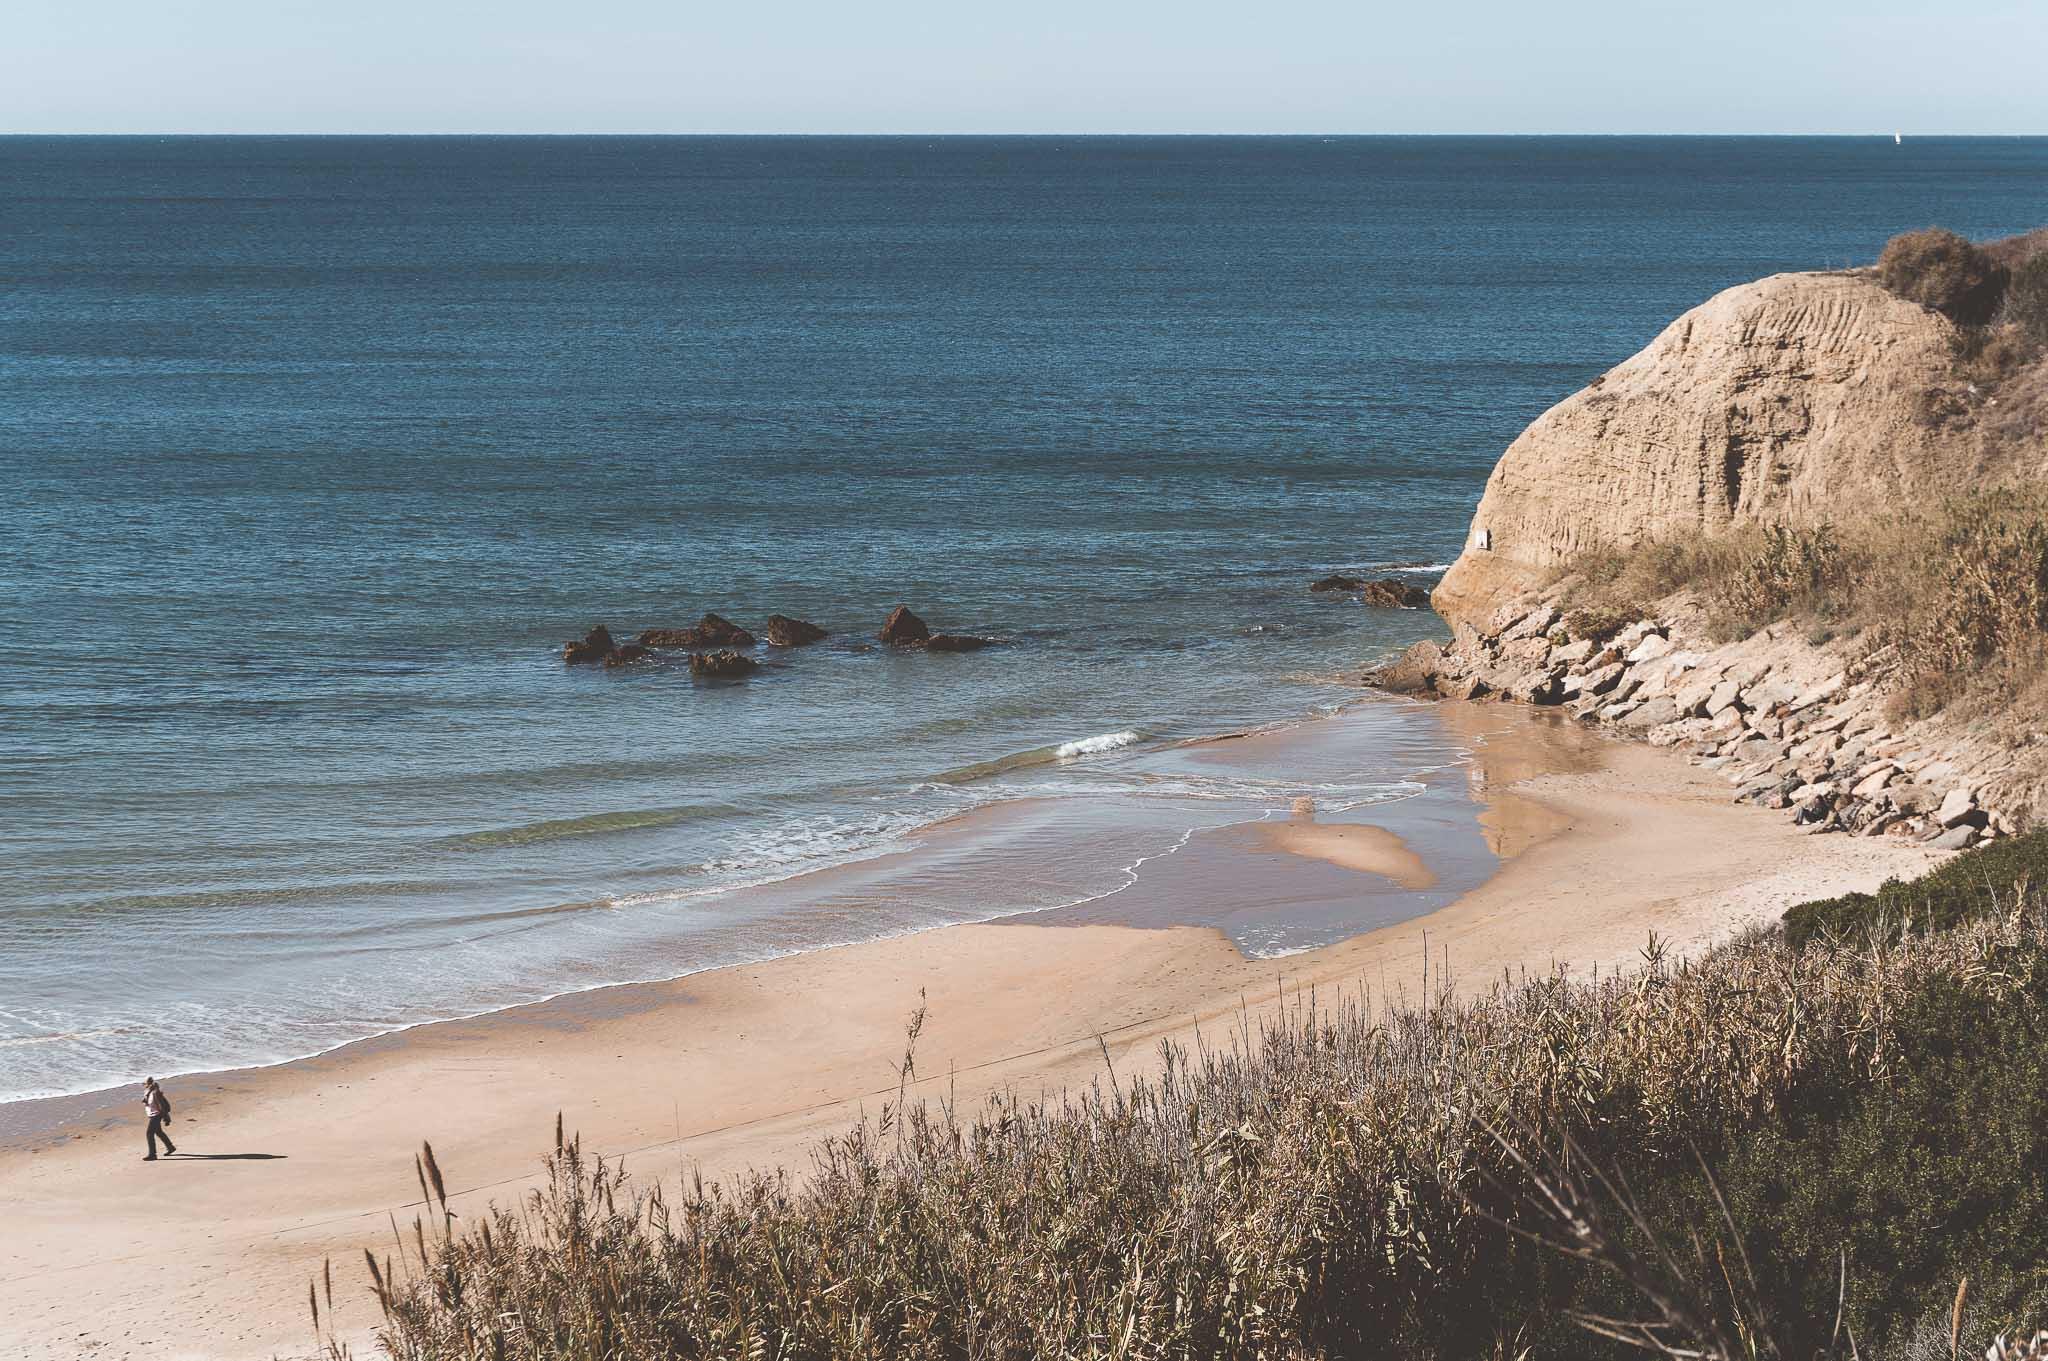 końcówka plaży Playa Fuente del Gallo